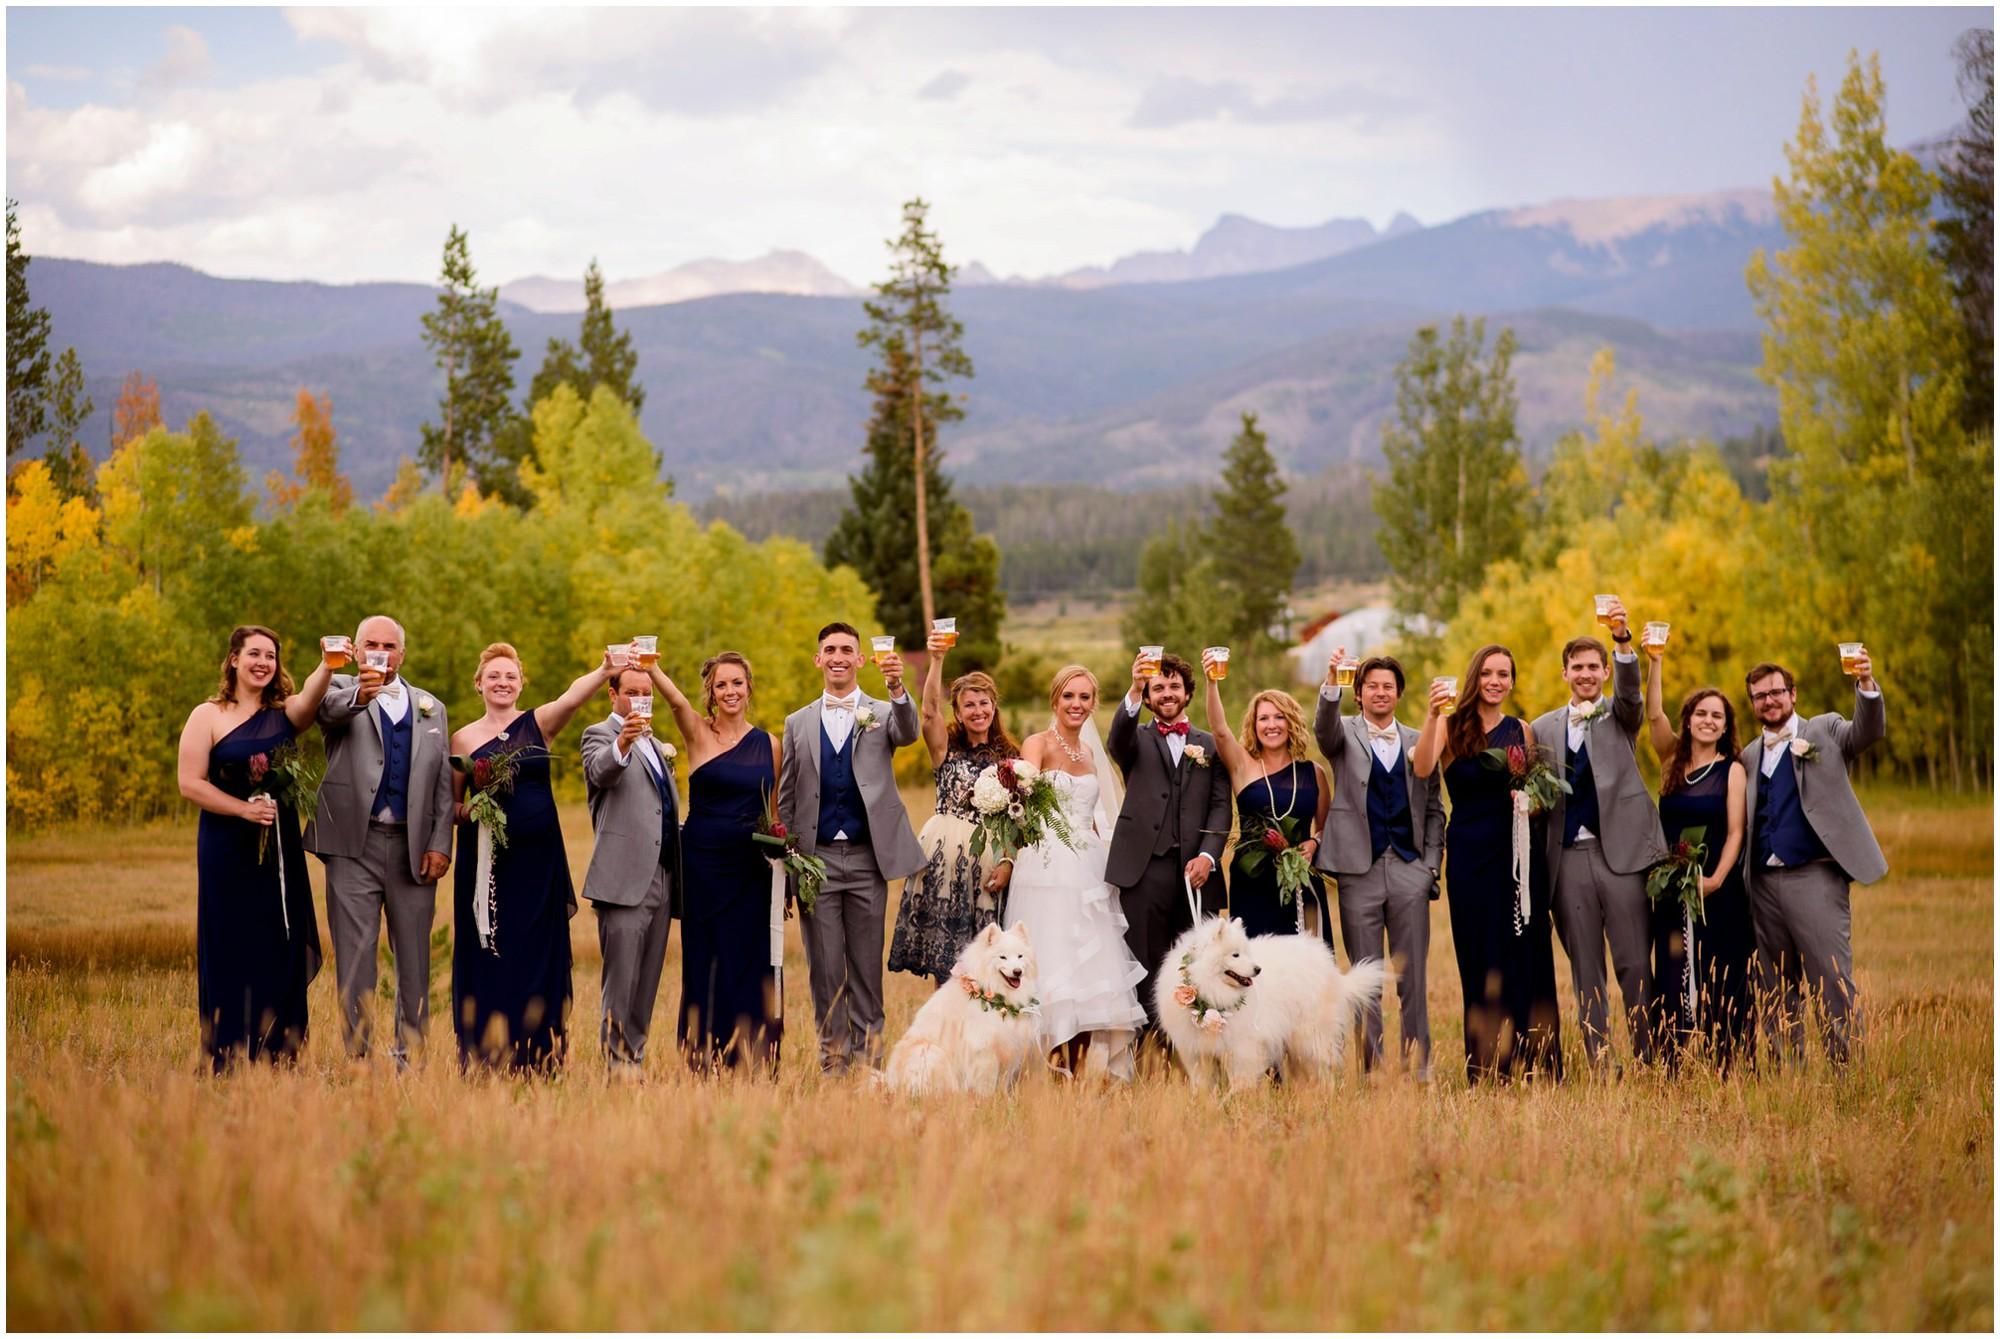 565-Blazy2ranch-colorado-fall-wedding.jpg